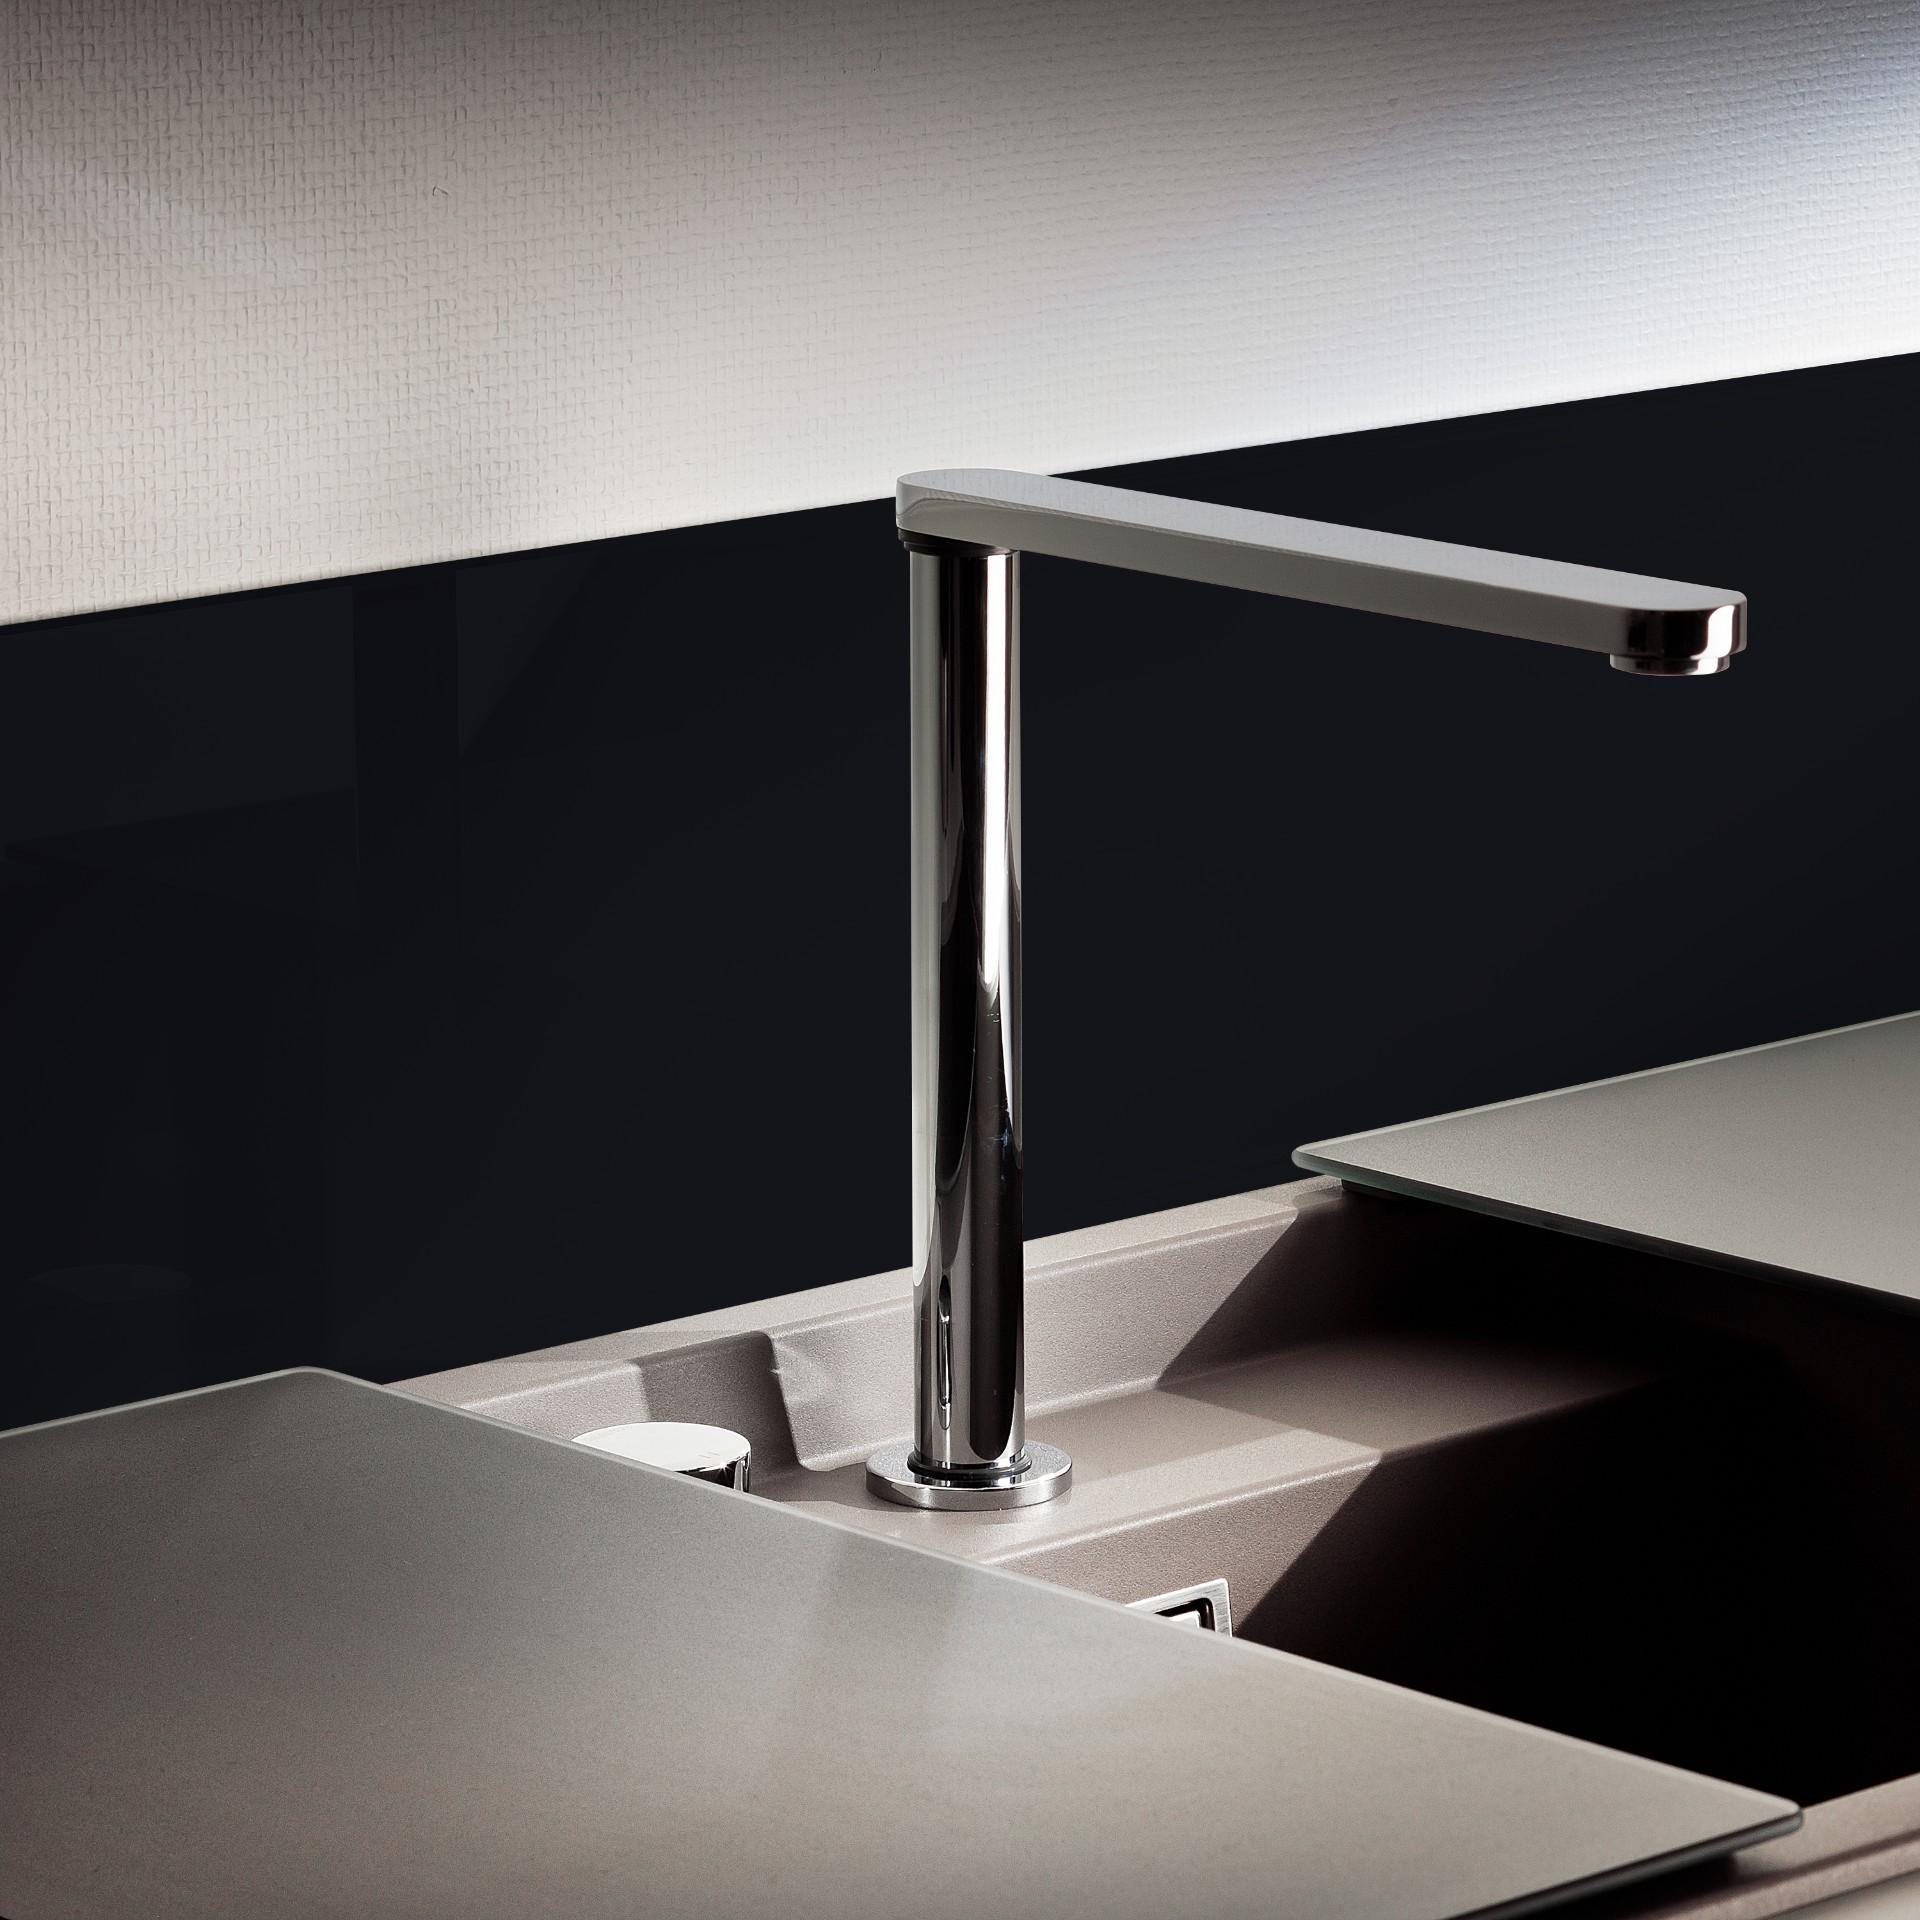 k chenr ckwand starlight black 0337 glasheld. Black Bedroom Furniture Sets. Home Design Ideas